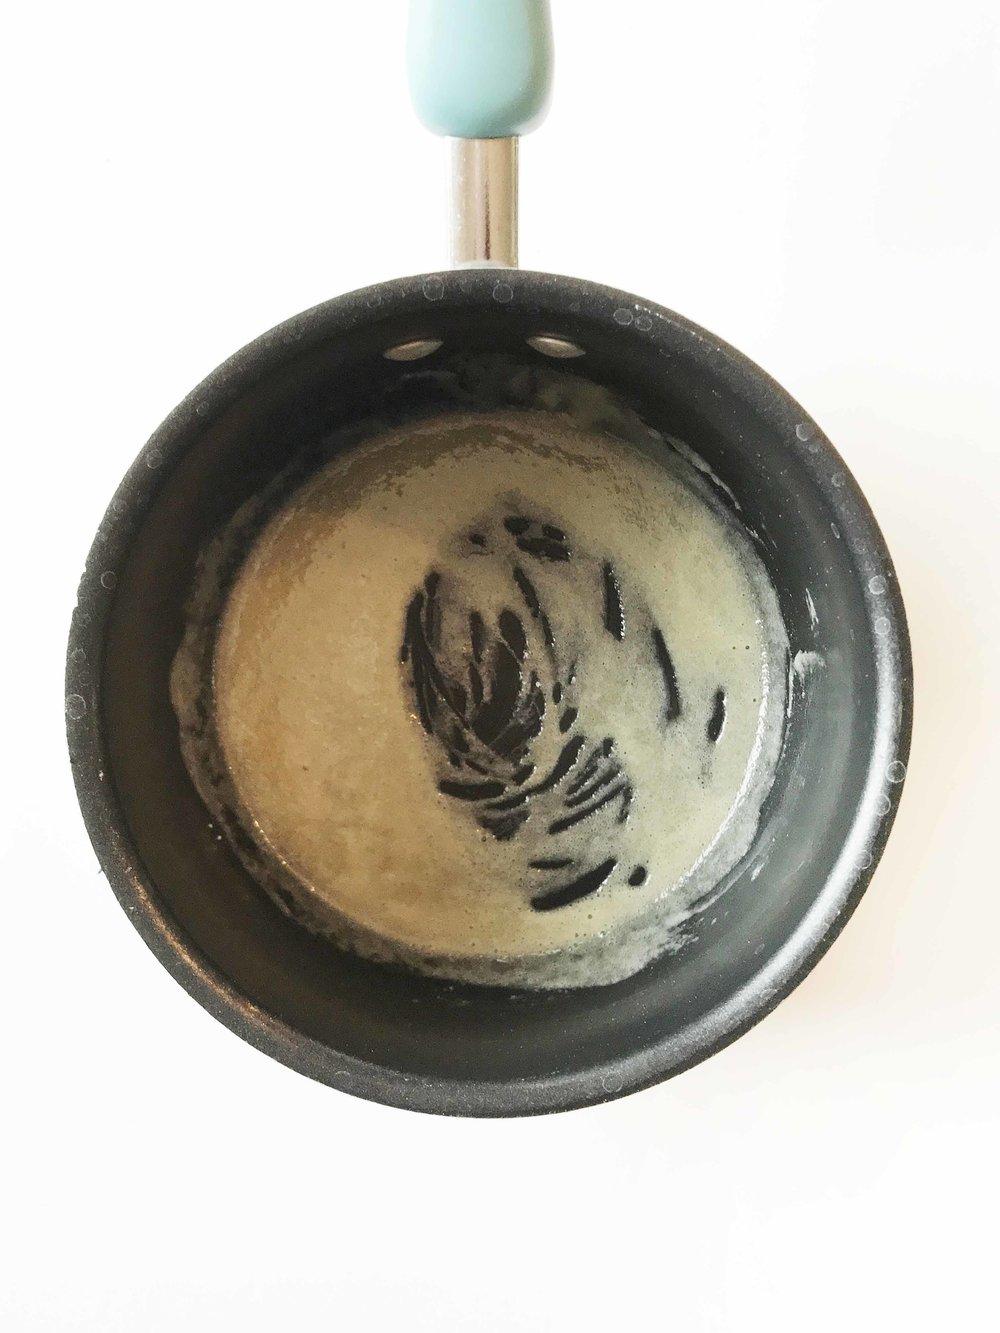 chilis-queso2.jpg